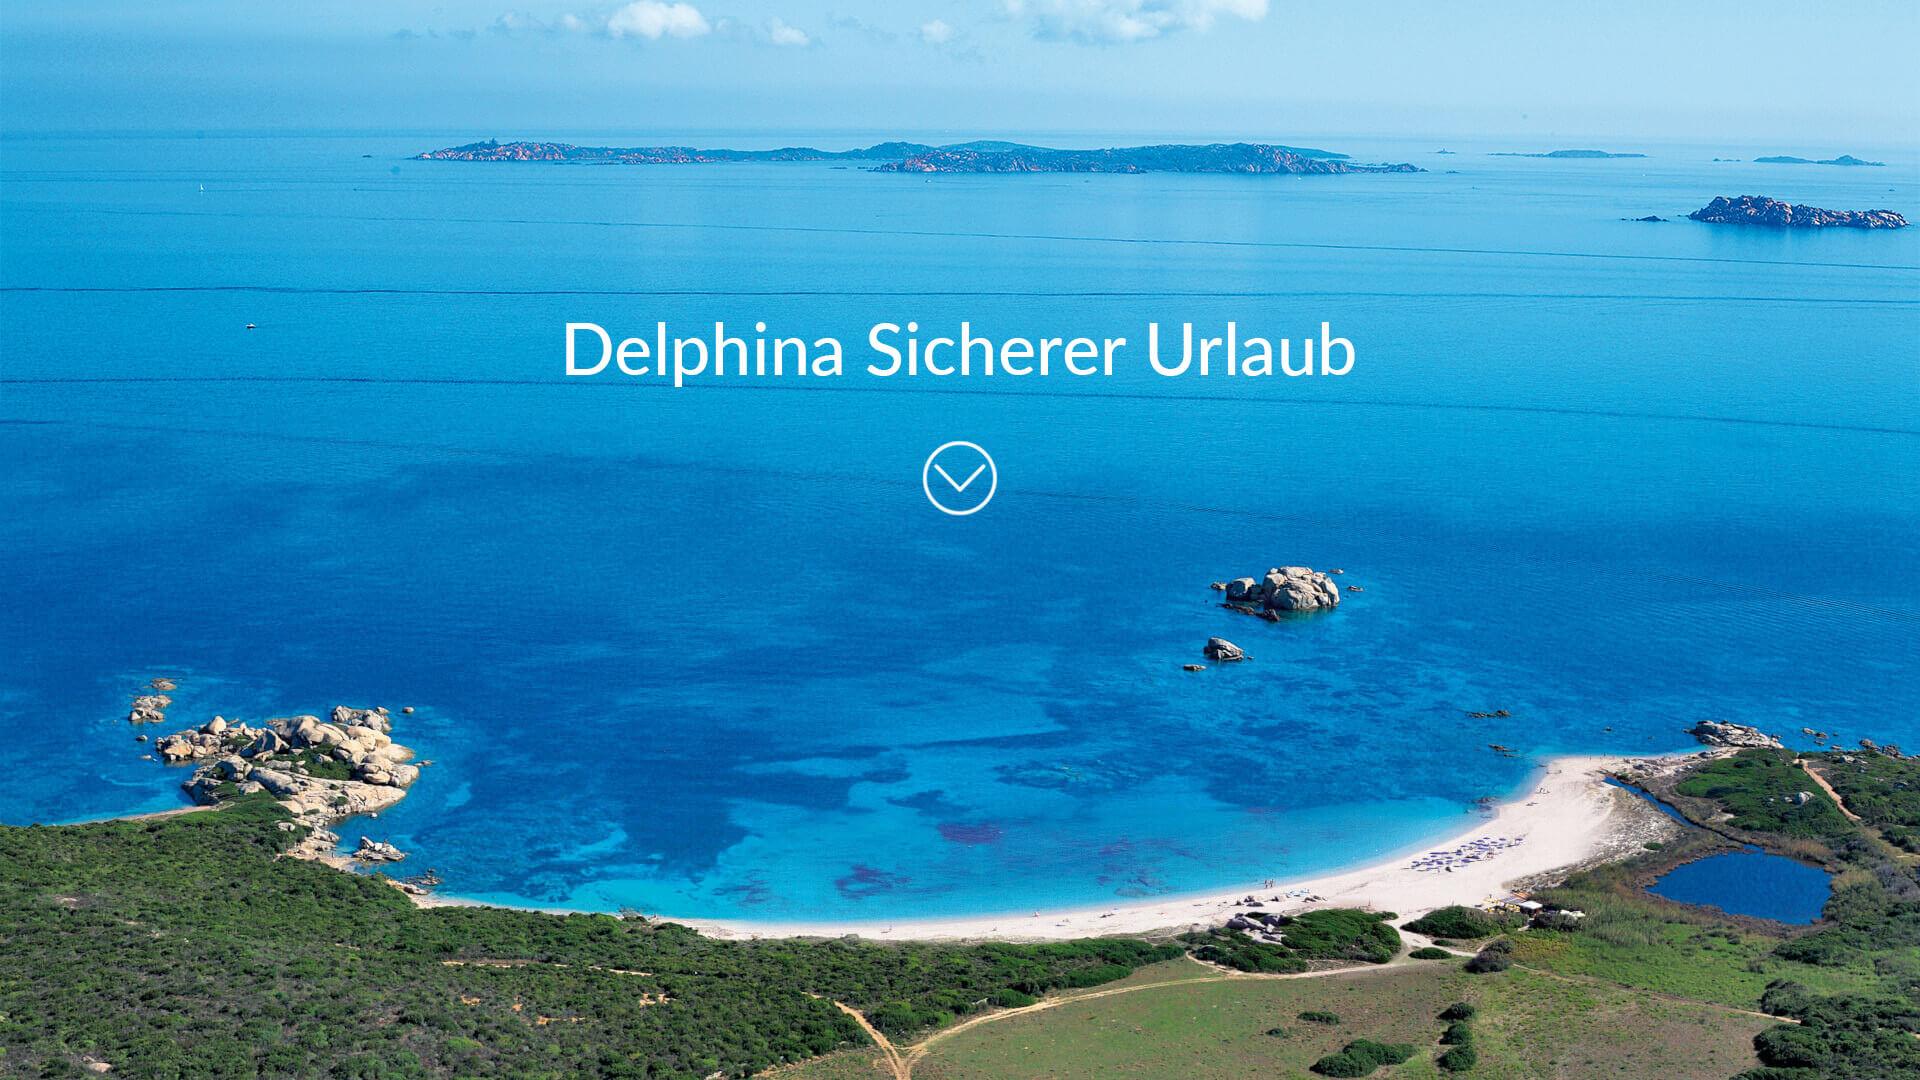 delphina-sicherer-urlaub